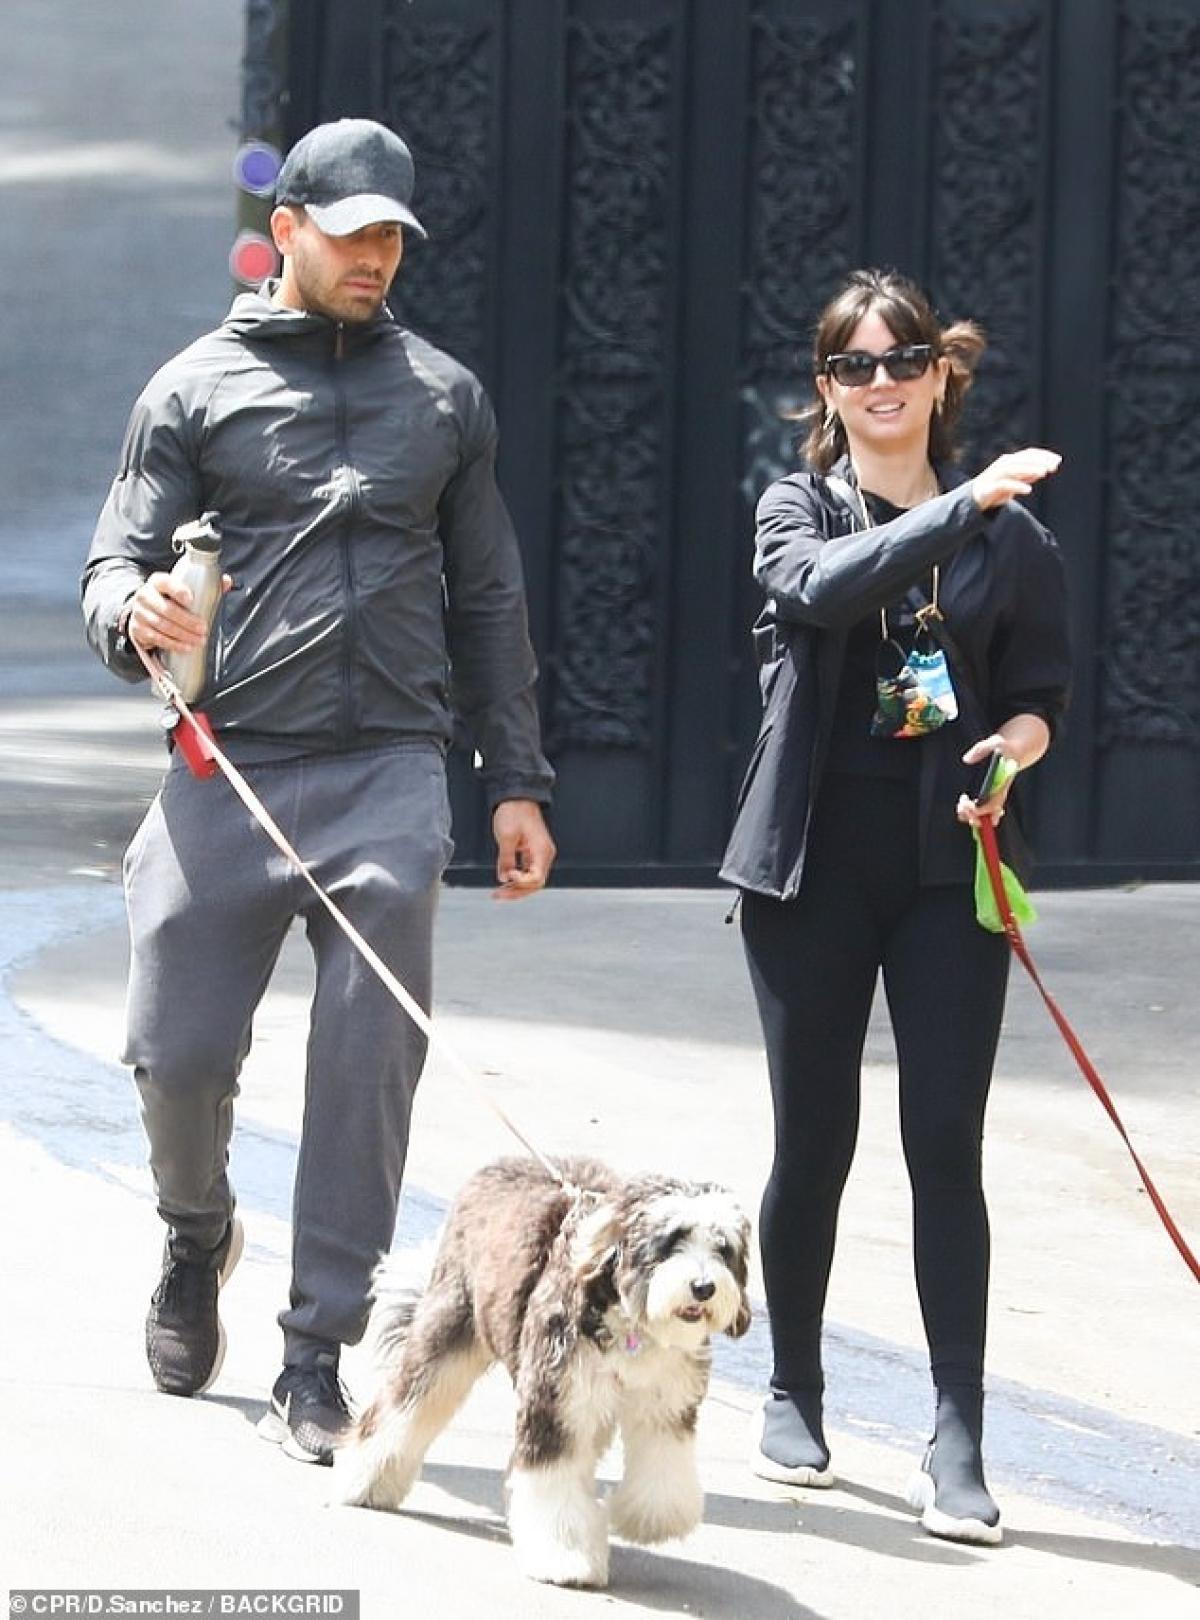 Ana de Armas bị cánh săn ảnh bắt gặp khi đang đi dạo phố cùng một người đàn ông lạ mặt ở Los Angeles ngày 13/4, theo giờ địa phương.